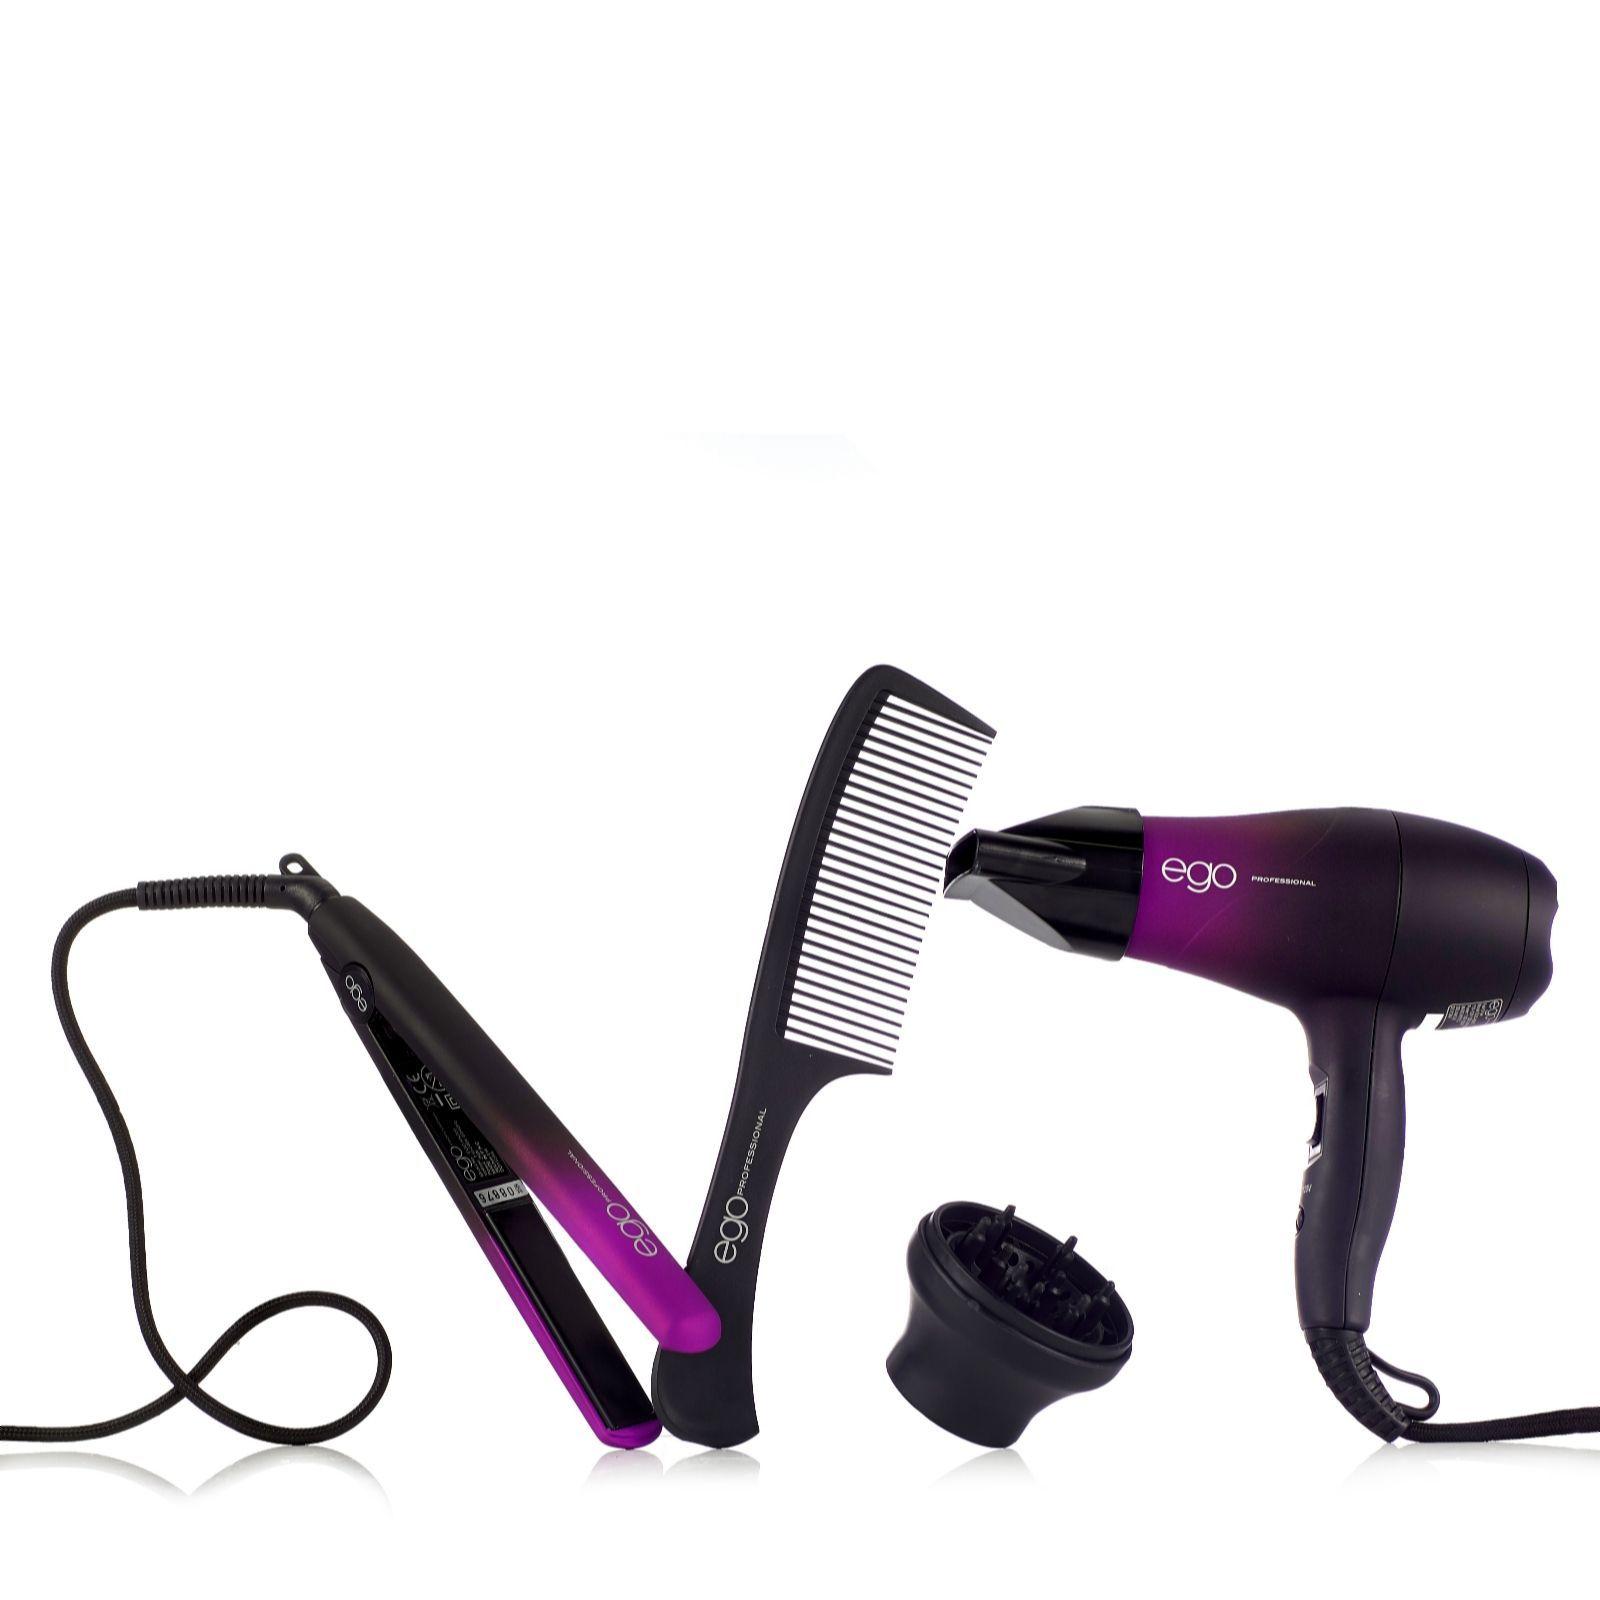 401512 Ego Trip Brights Edition Hairdryer Straightener Set Qvc Price 39 50 P